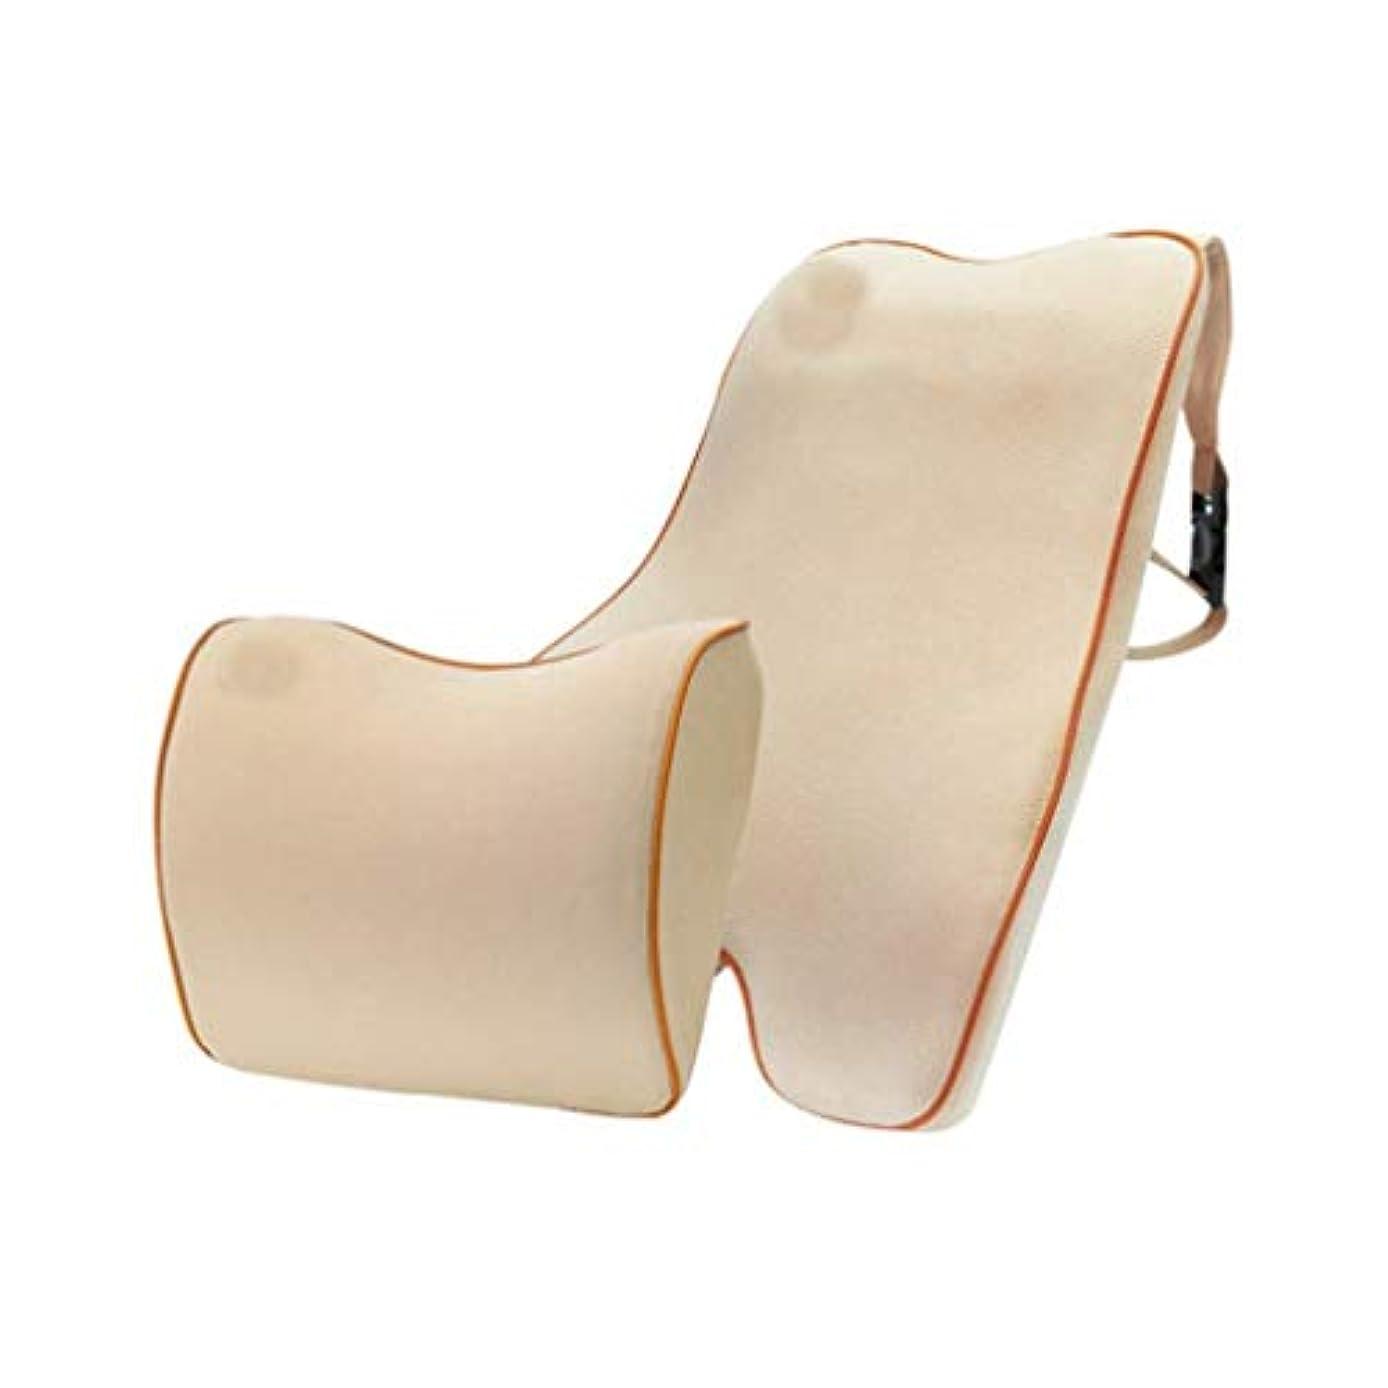 スピーカー土墓腰椎枕、首枕、低反発枕クッション腰椎サポート車のホームオフィスの椅子、人間工学に基づいた整形外科の設計は坐骨神経痛と尾骨の痛みを和らげます